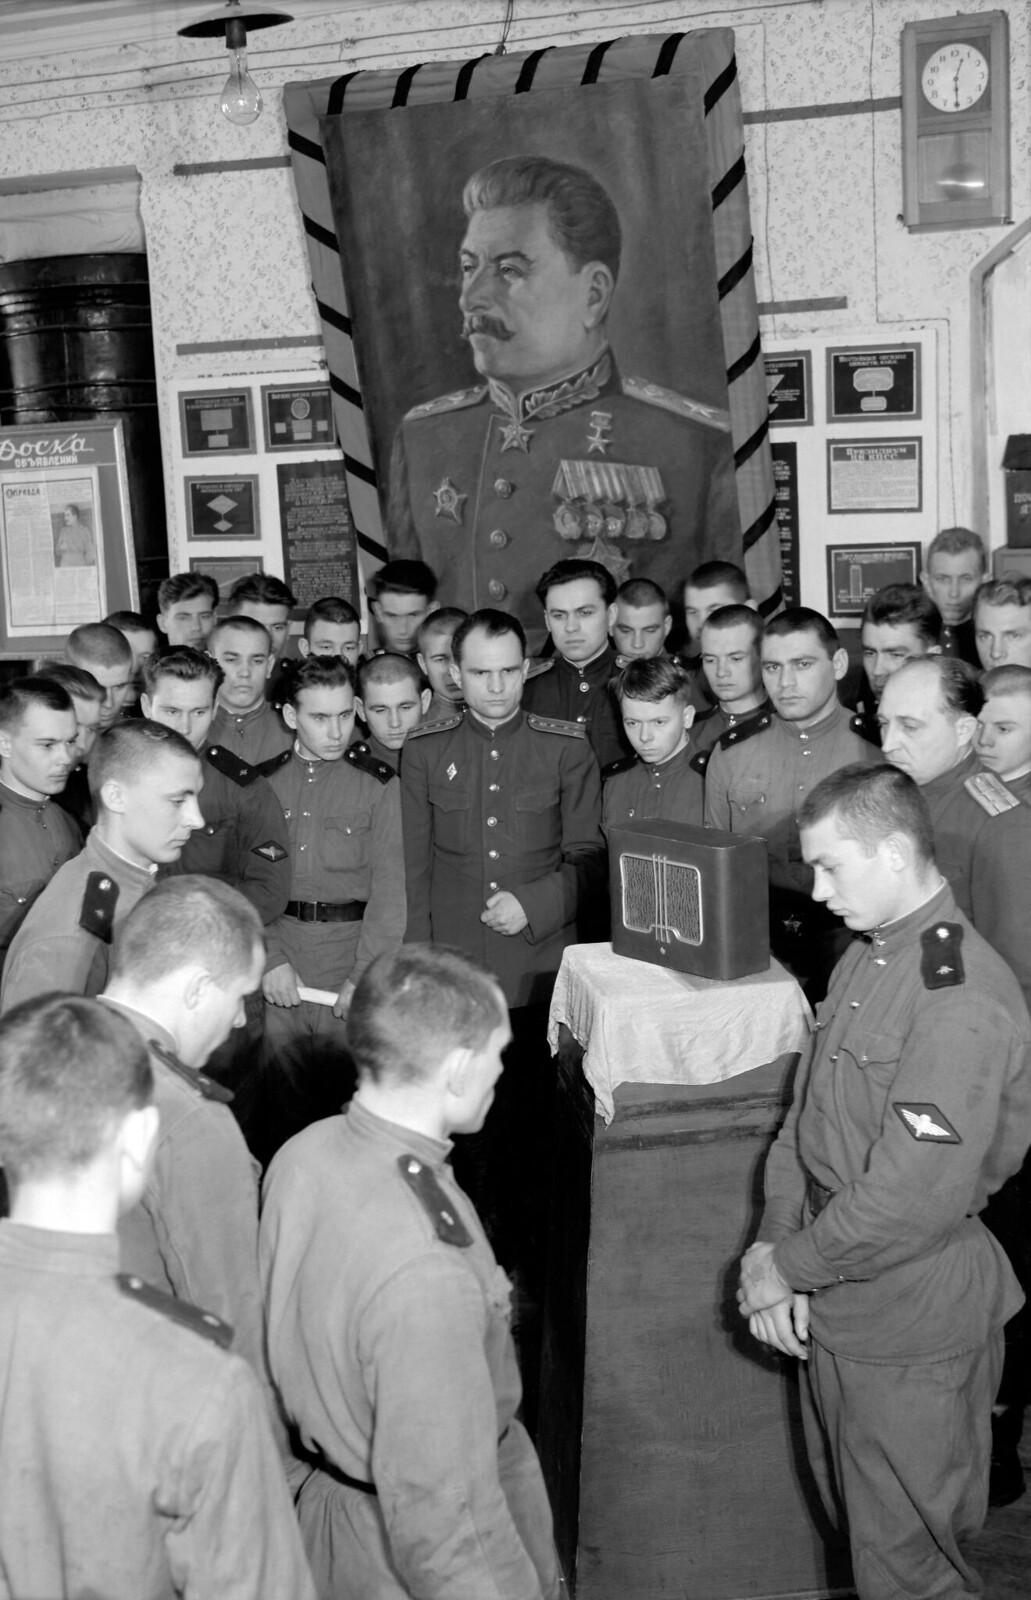 1953. Сталин умер, Московский военный округ, 5 марта